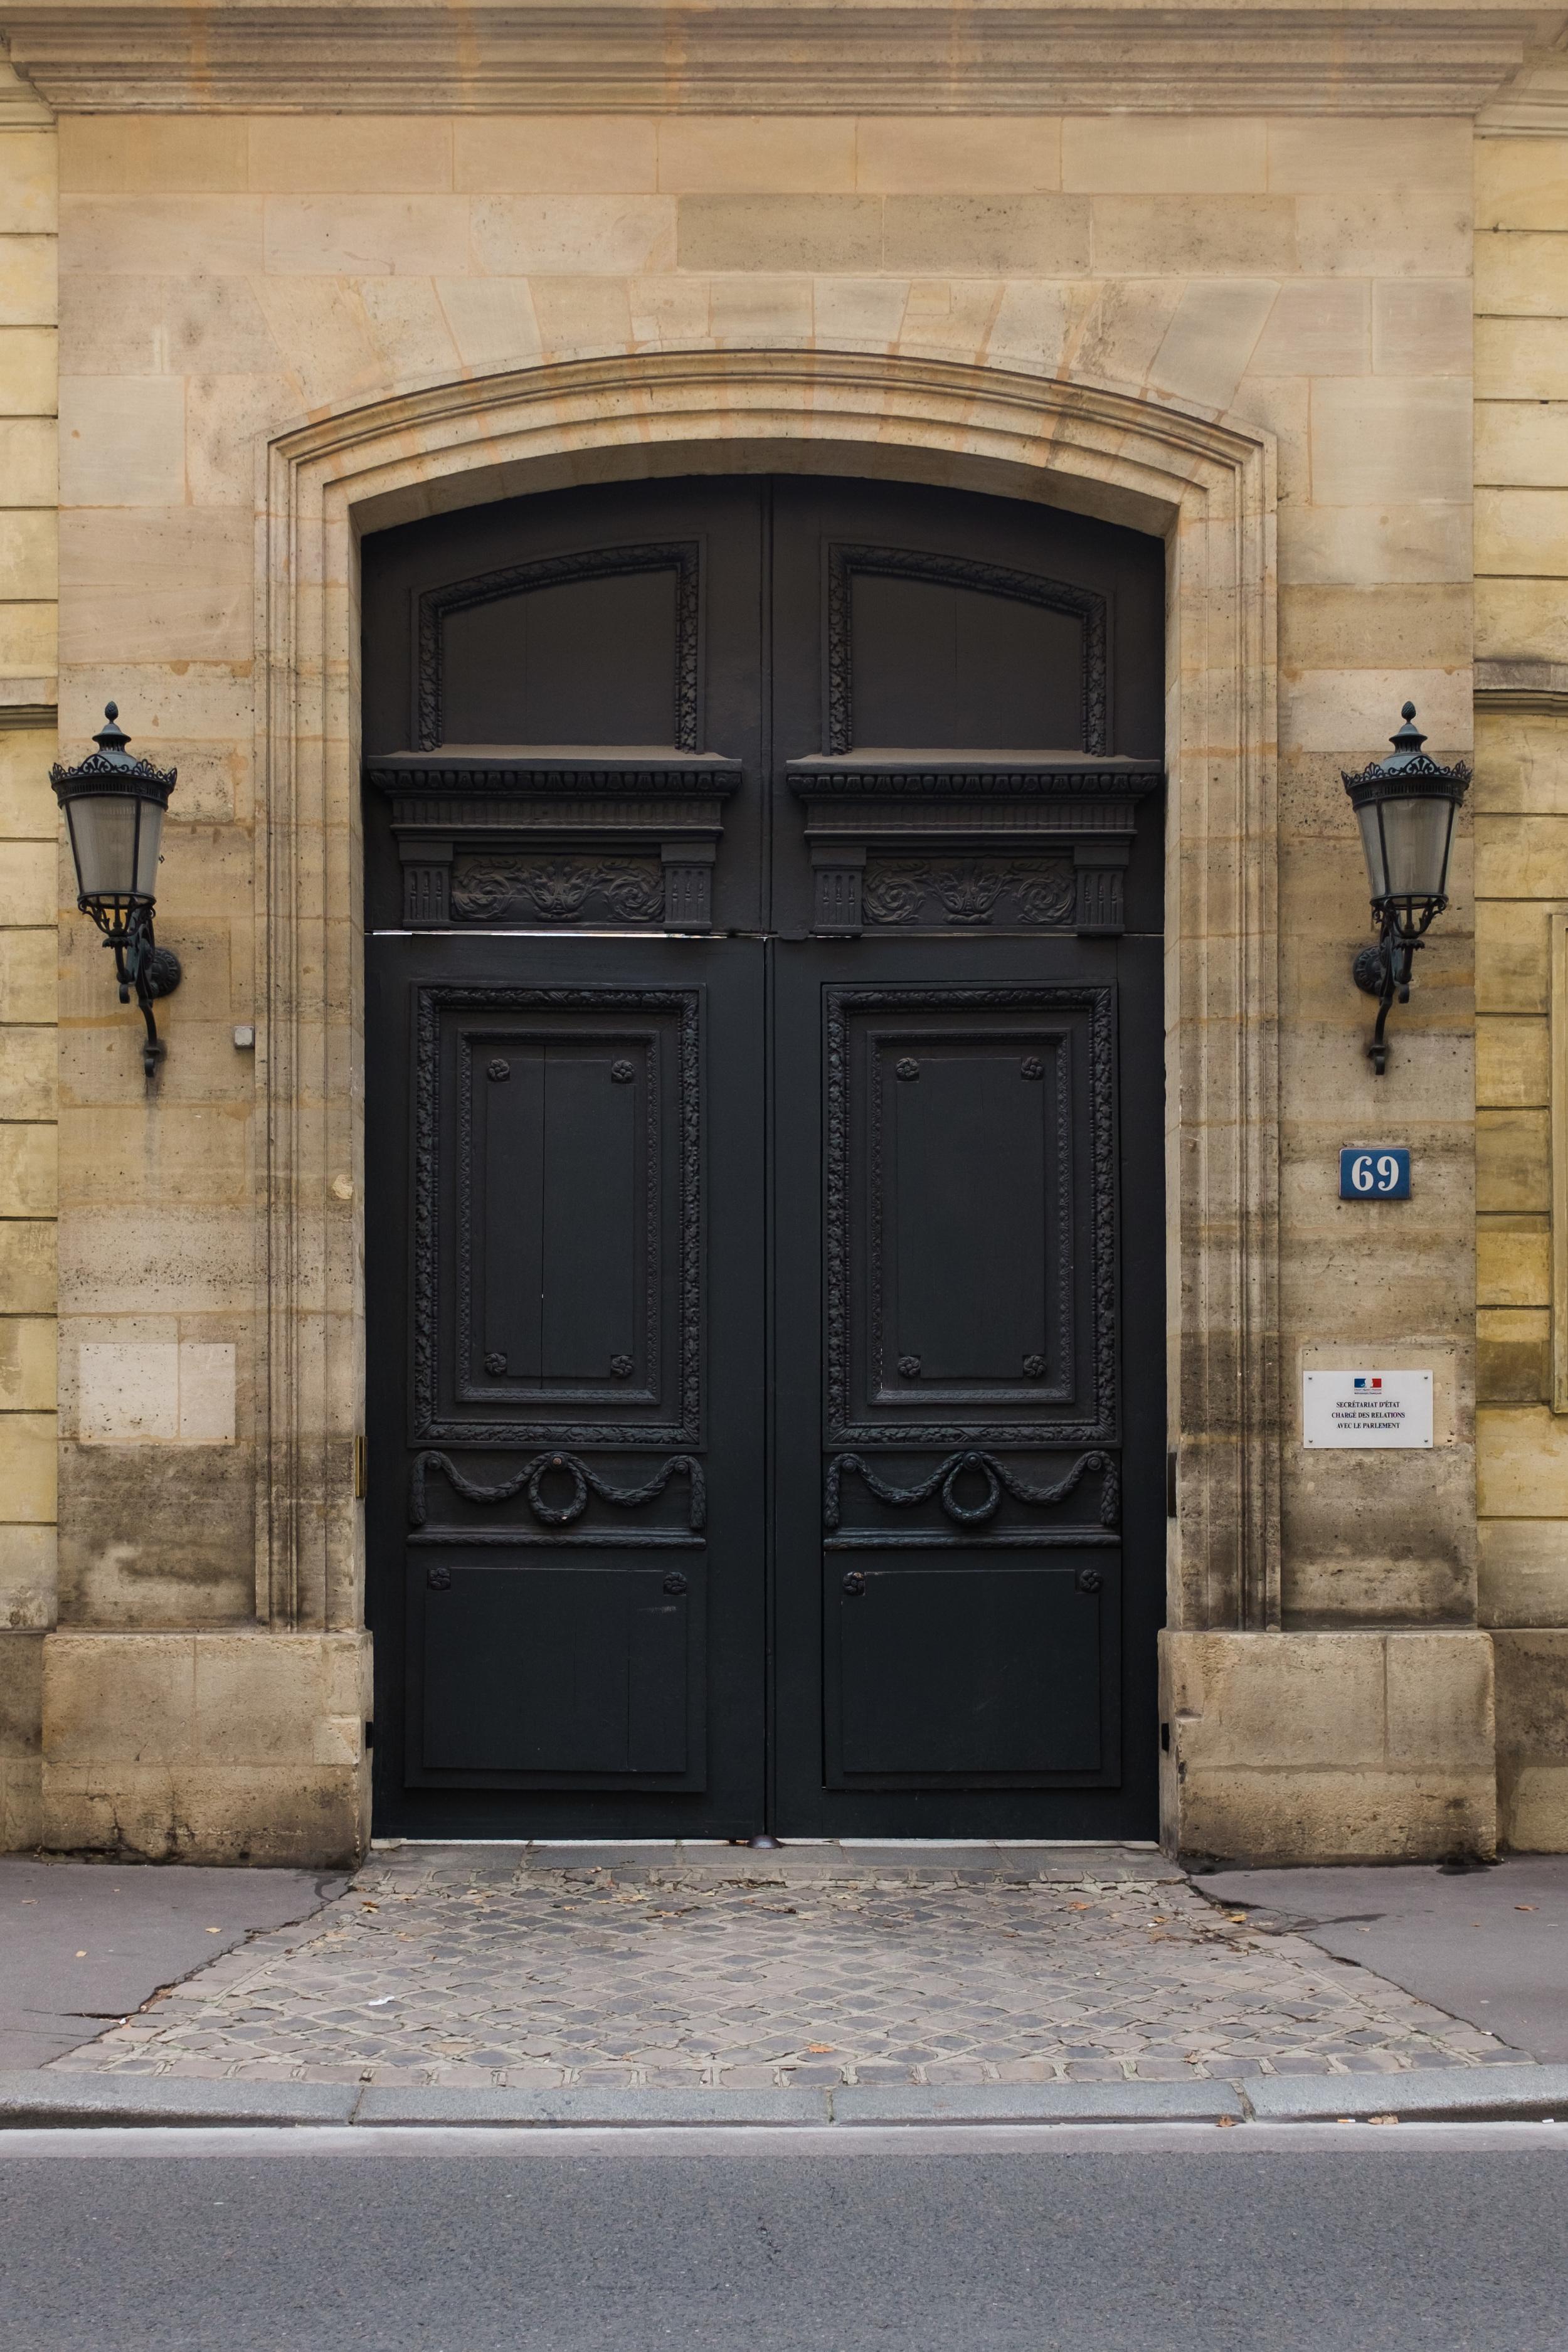 london-britian-cambridge-stmalo-mont-saint-michel-france-normandy-paris-102.jpg